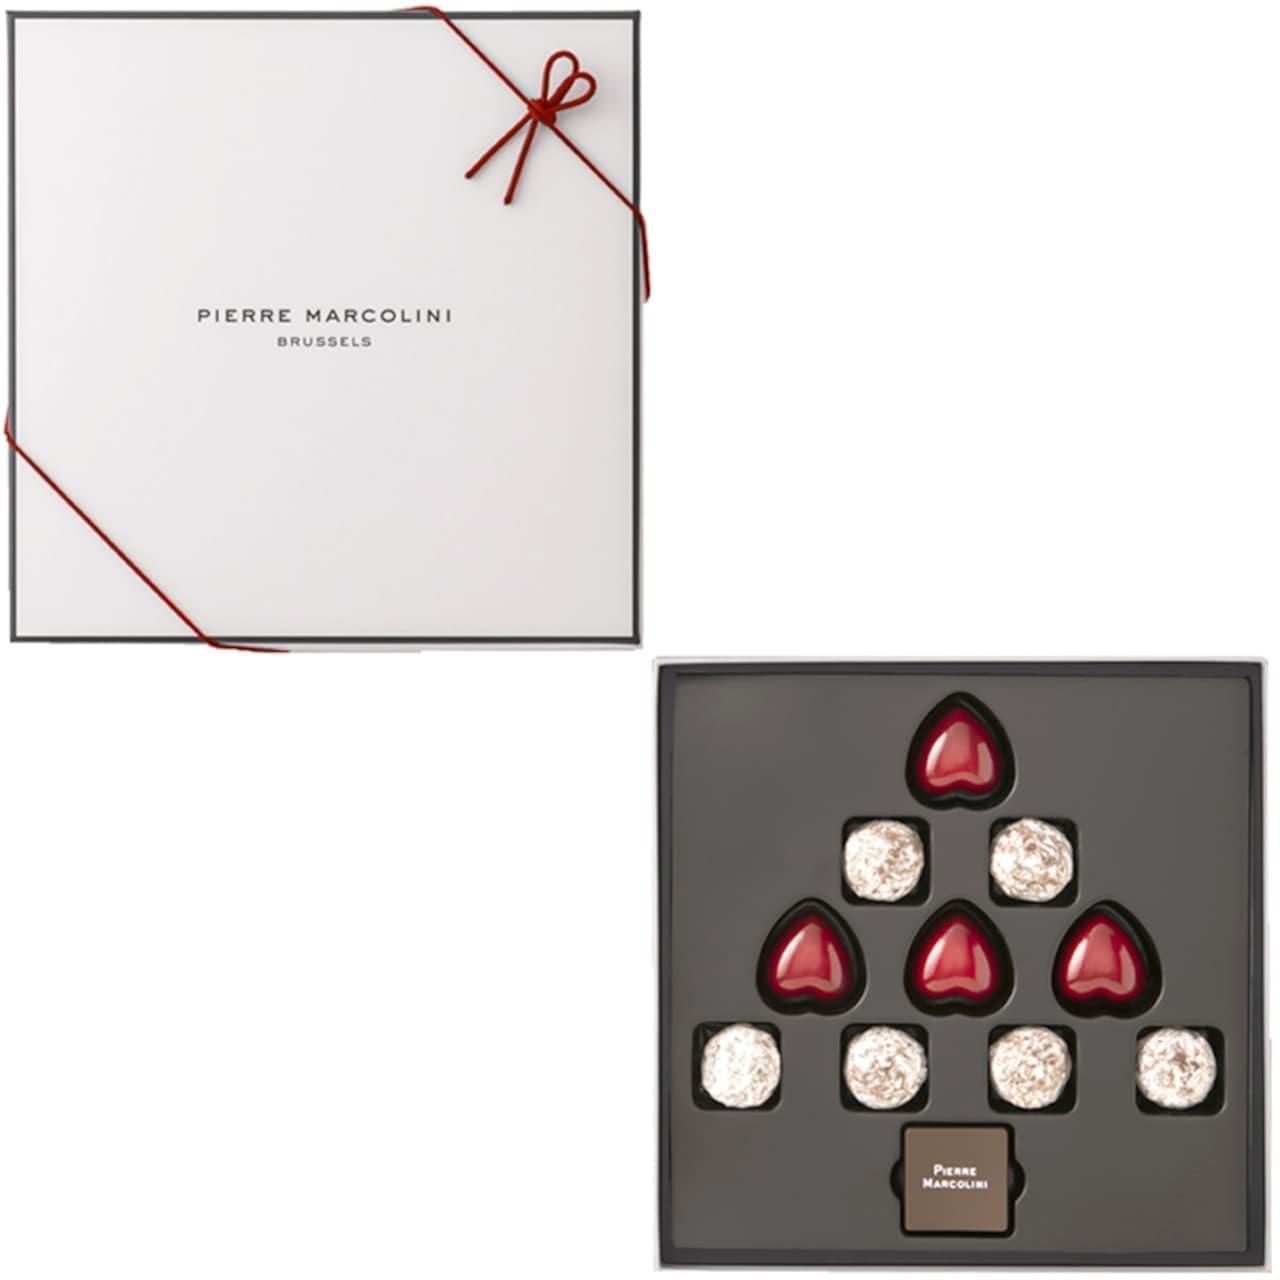 ピエール マルコリーニに「クリスマスコレクション」やカカオ入り「シュトーレン」